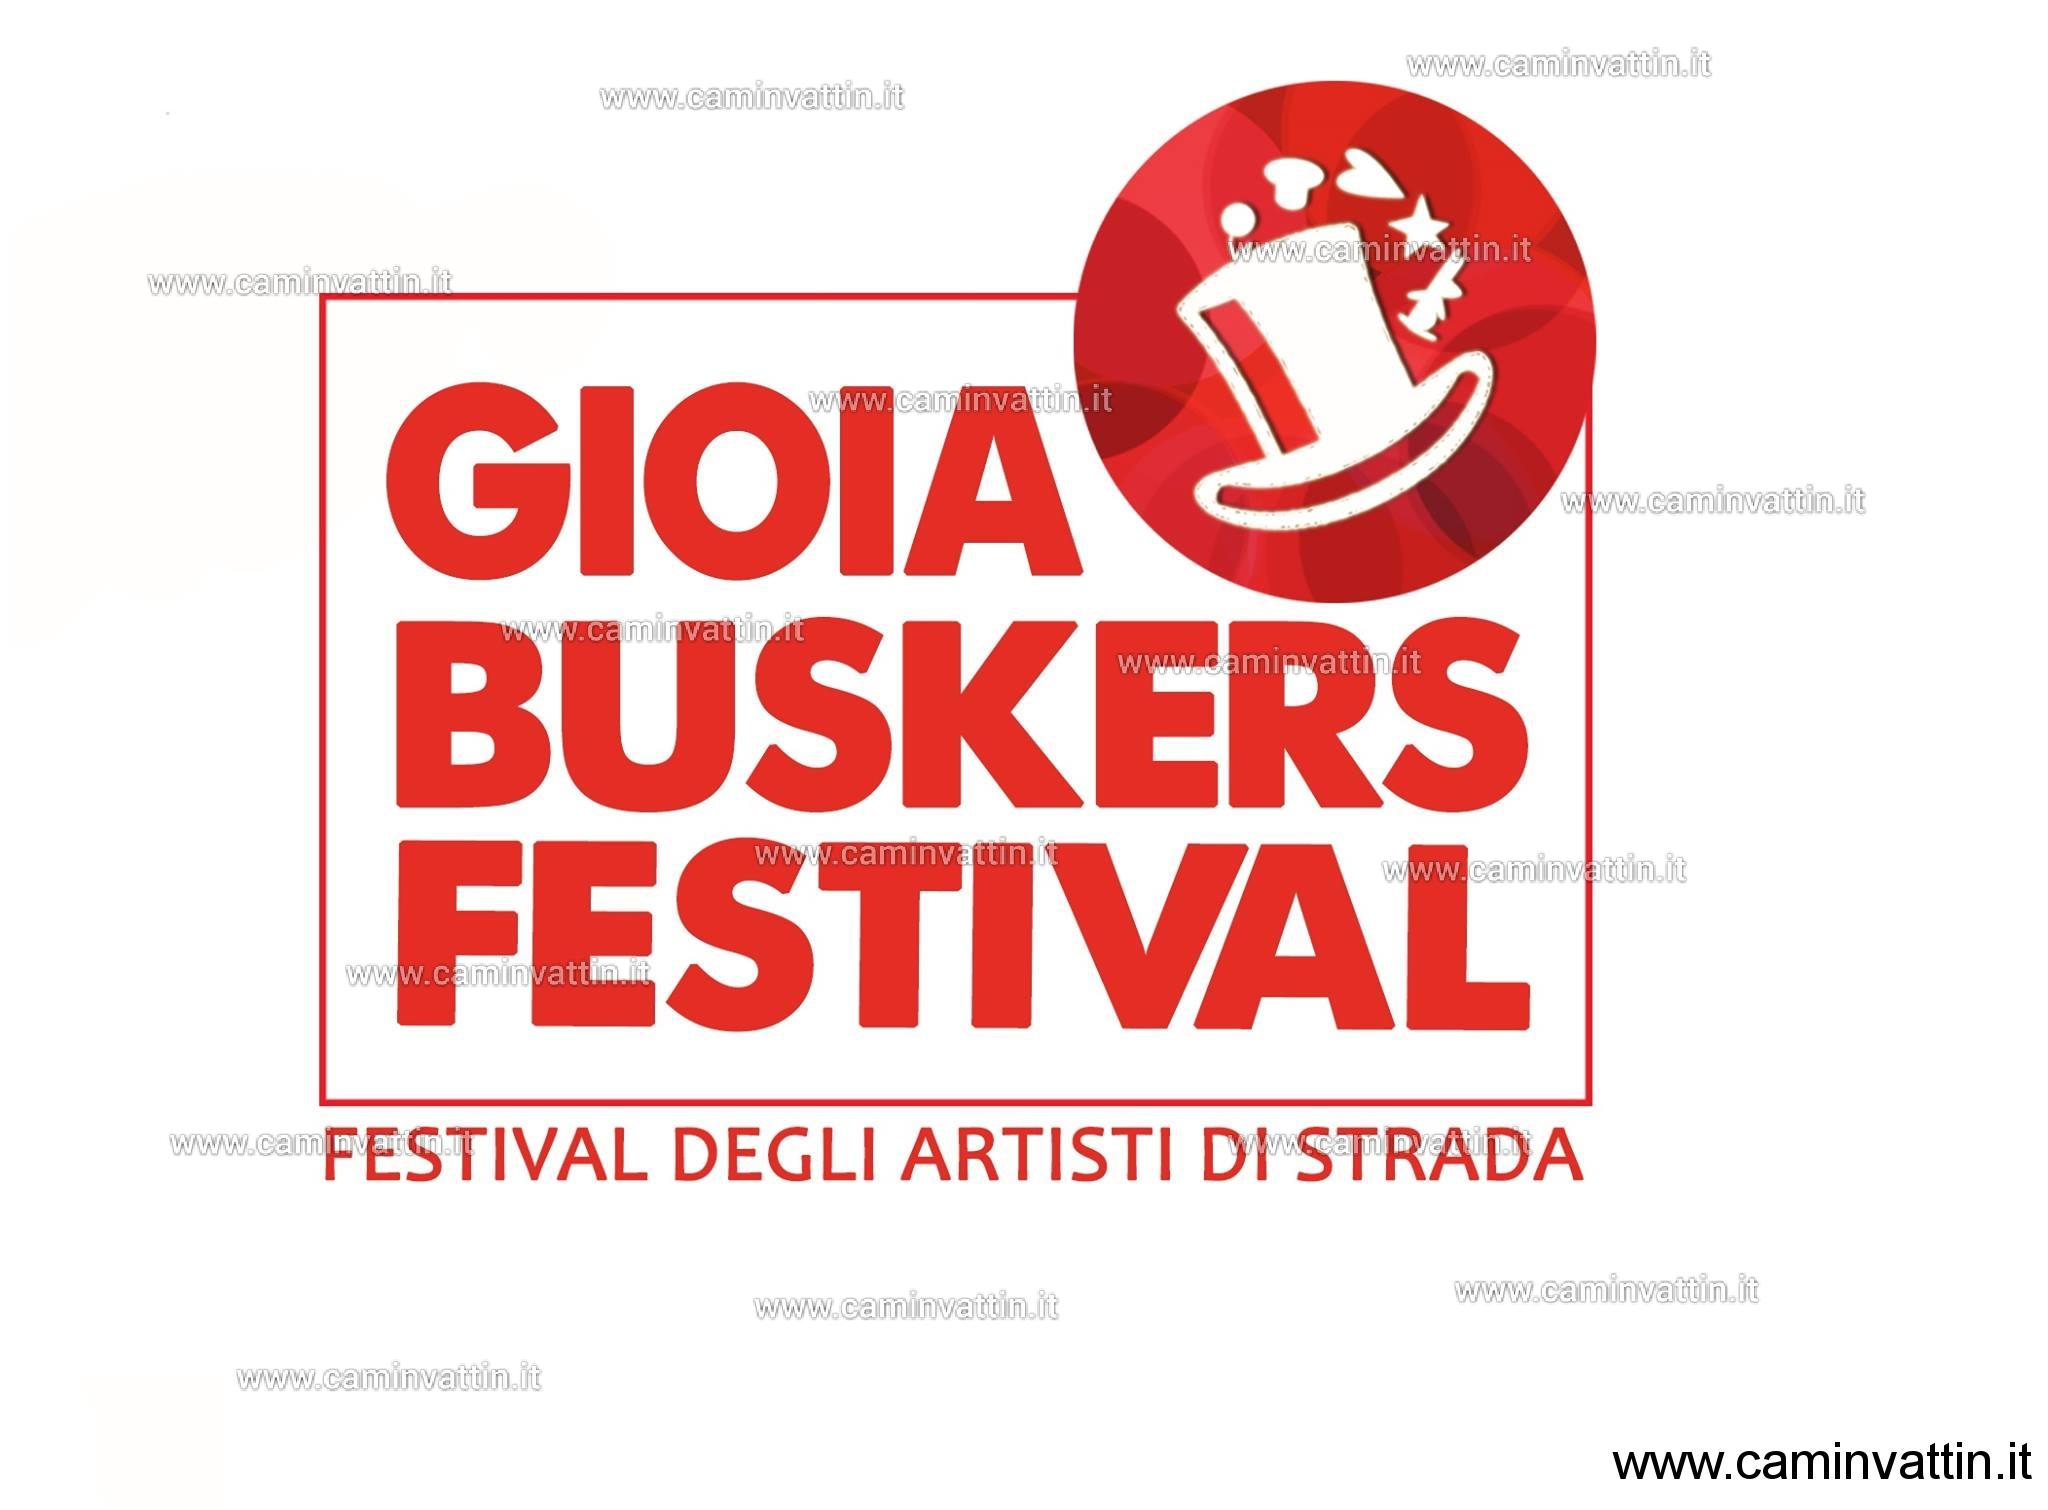 Gioia Busker Festival il festival degli artisti di strada